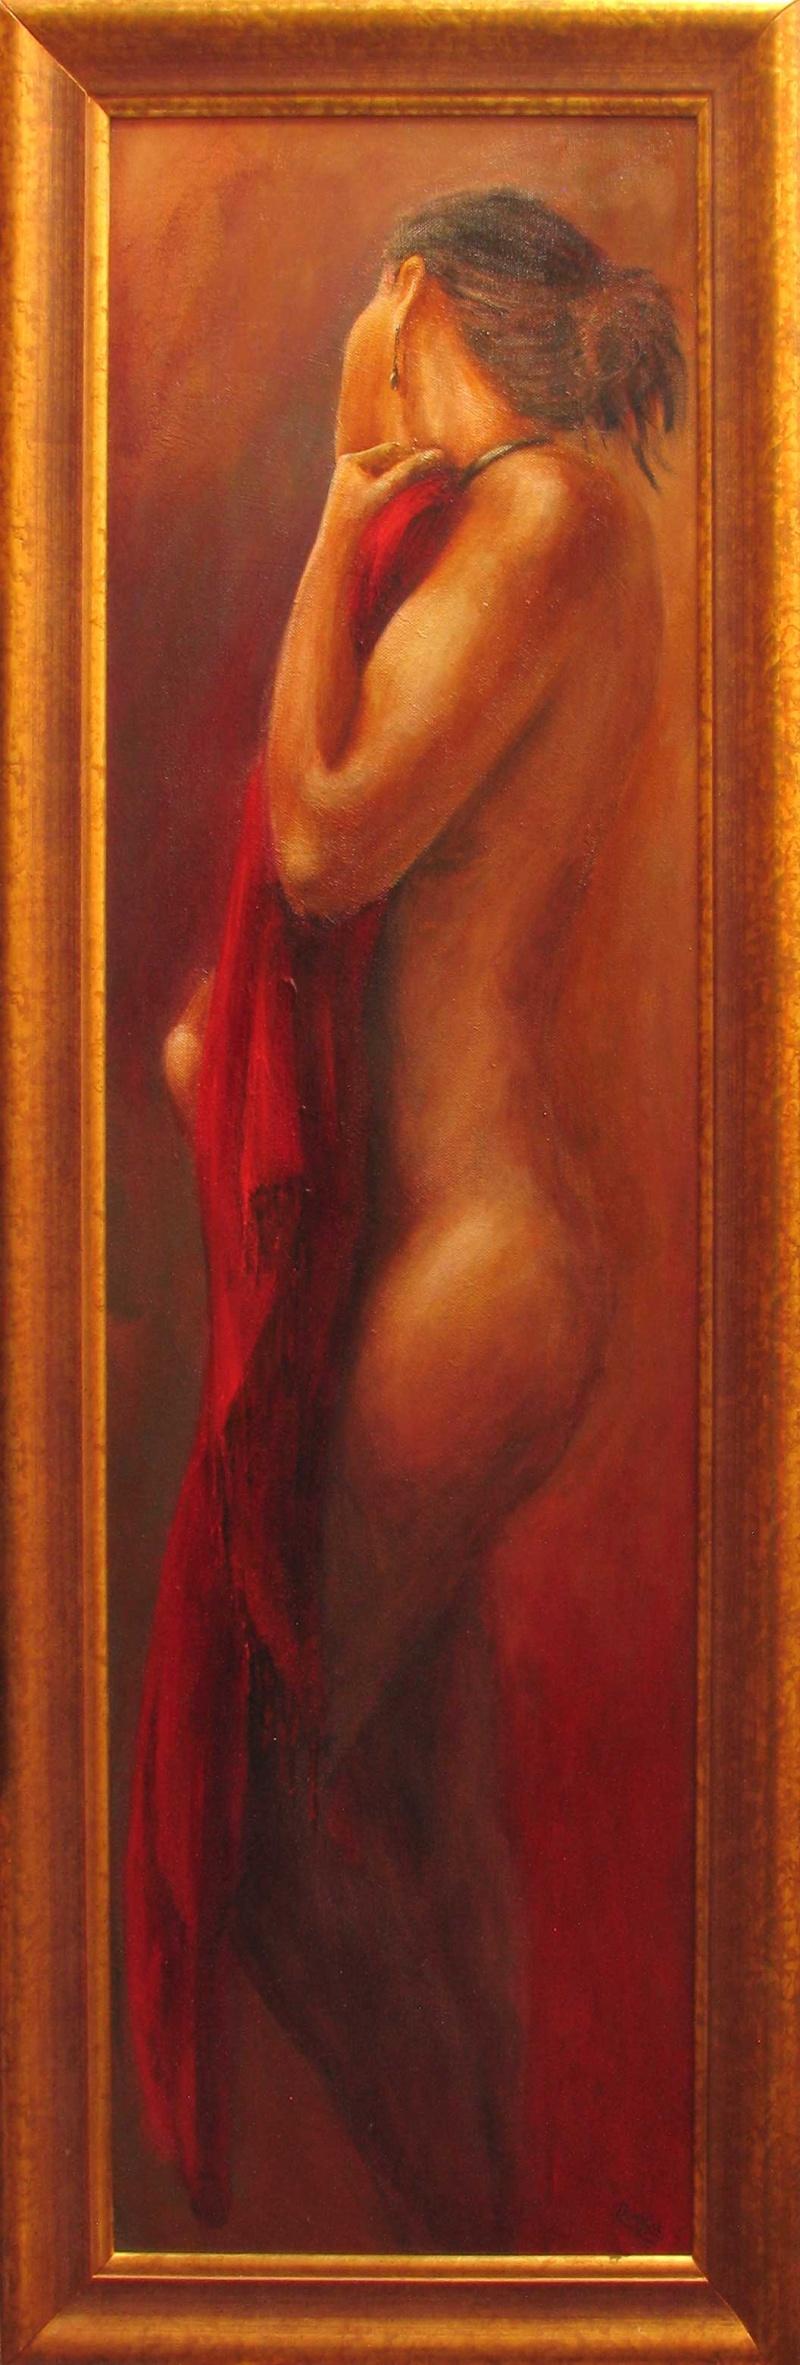 Kettering and Croydon Mar 24, 2009 Ricardo Insua-Cao Buoi Toi - Oil on Canvas